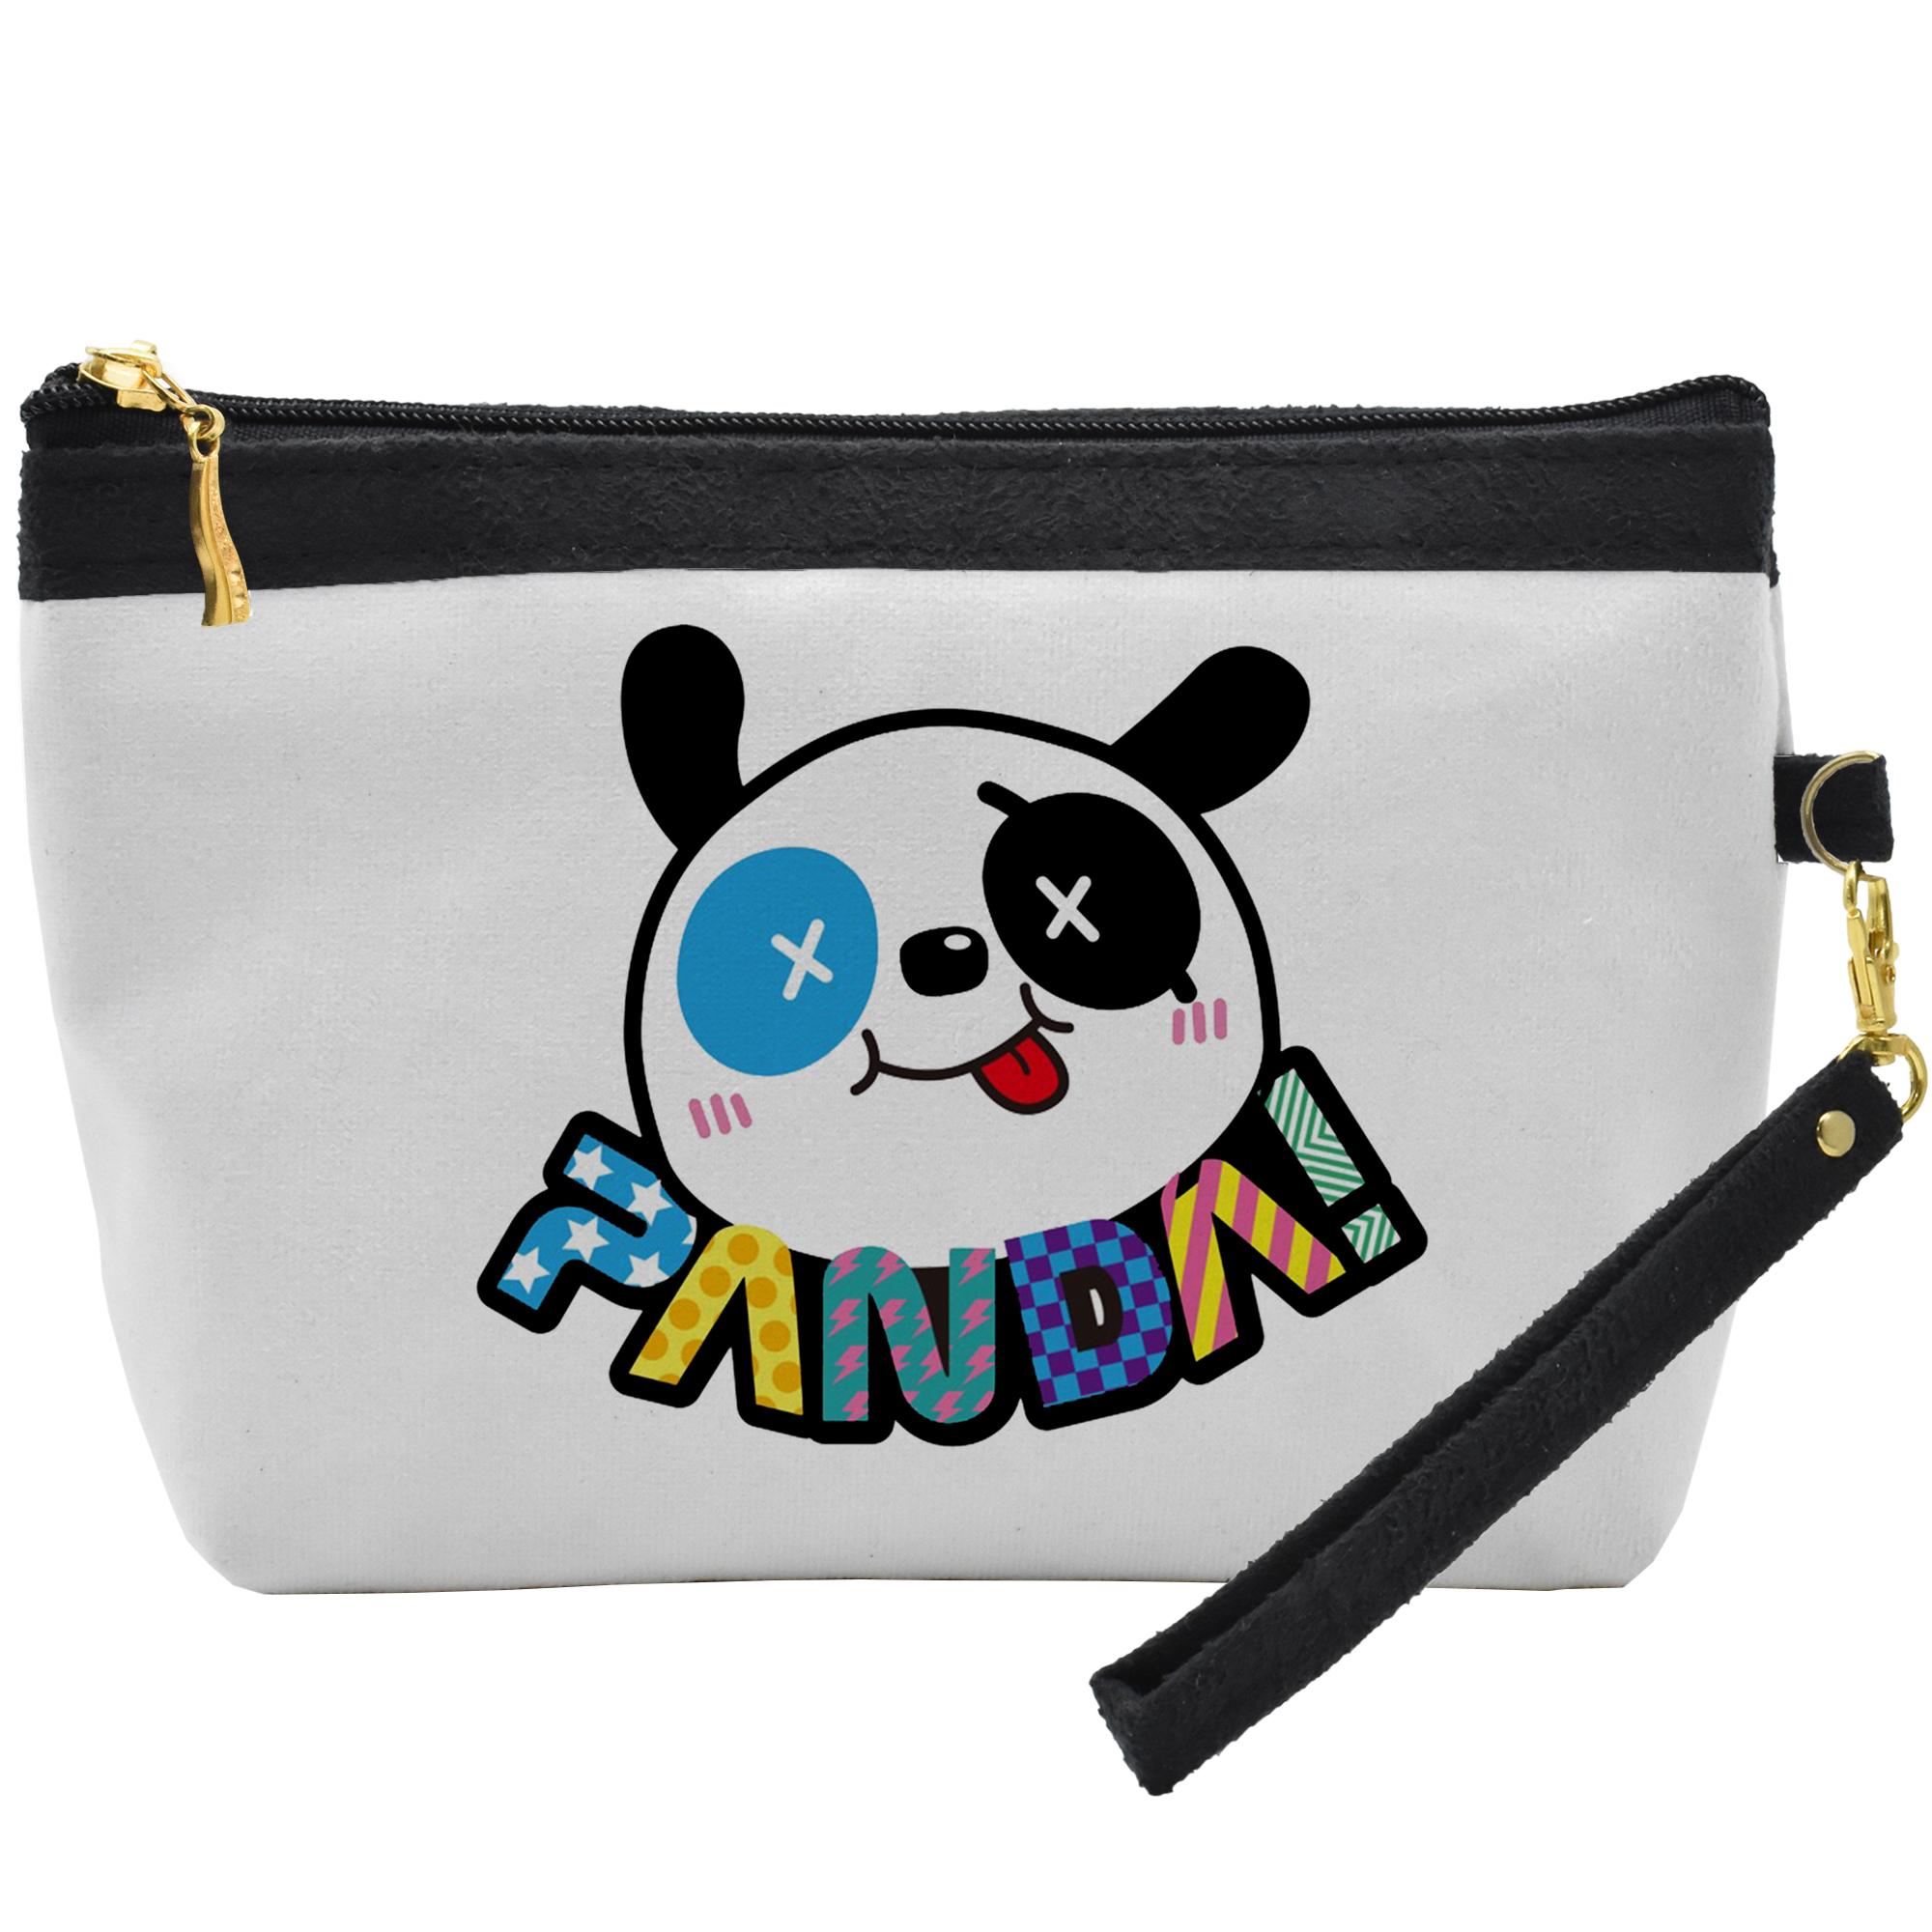 قیمت کیف لوازم آرایشی طرح Panda کد C44